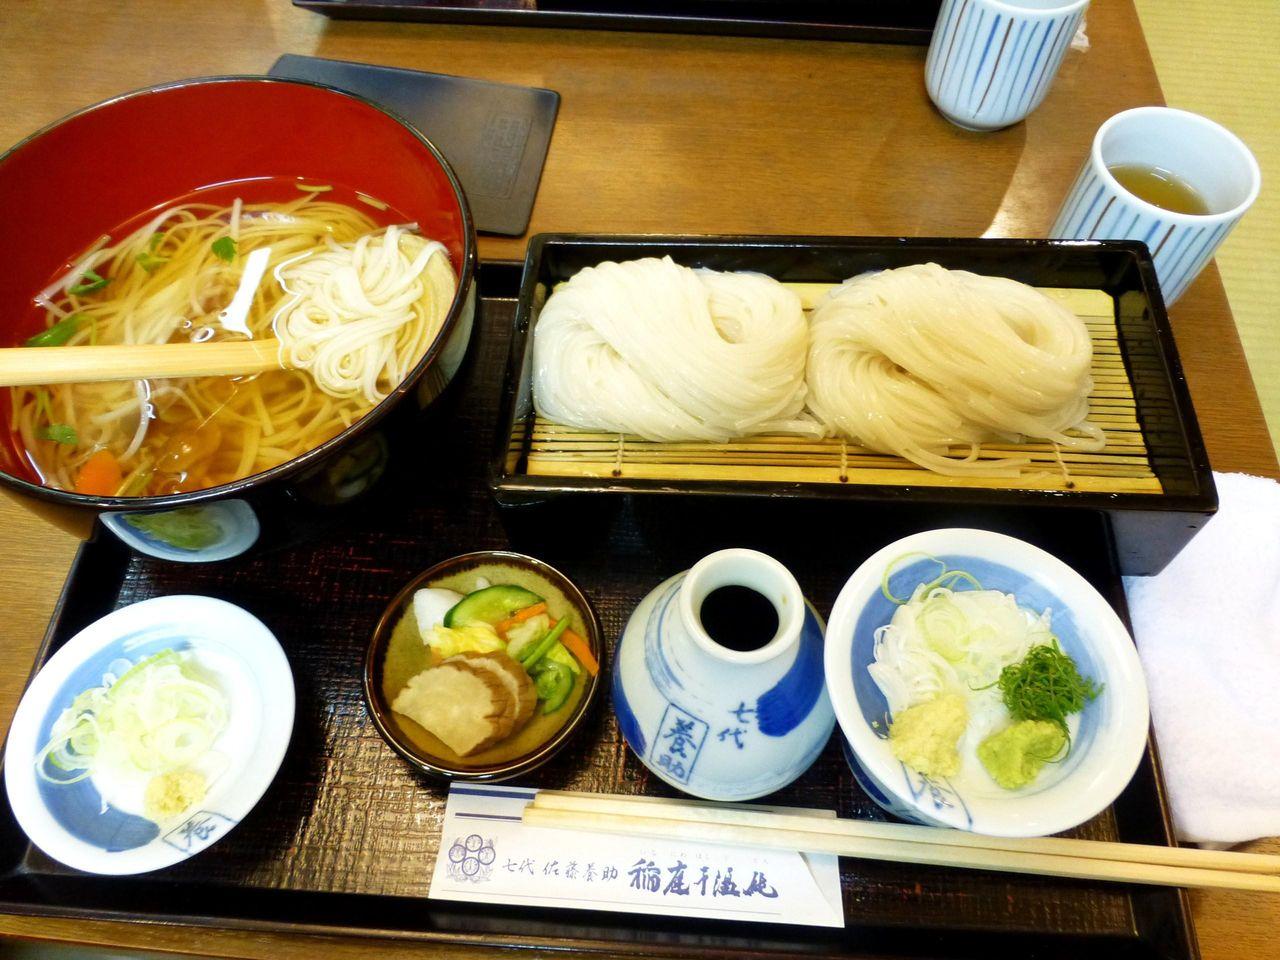 味くらべ(つけうどん大盛・温麺)1,350円